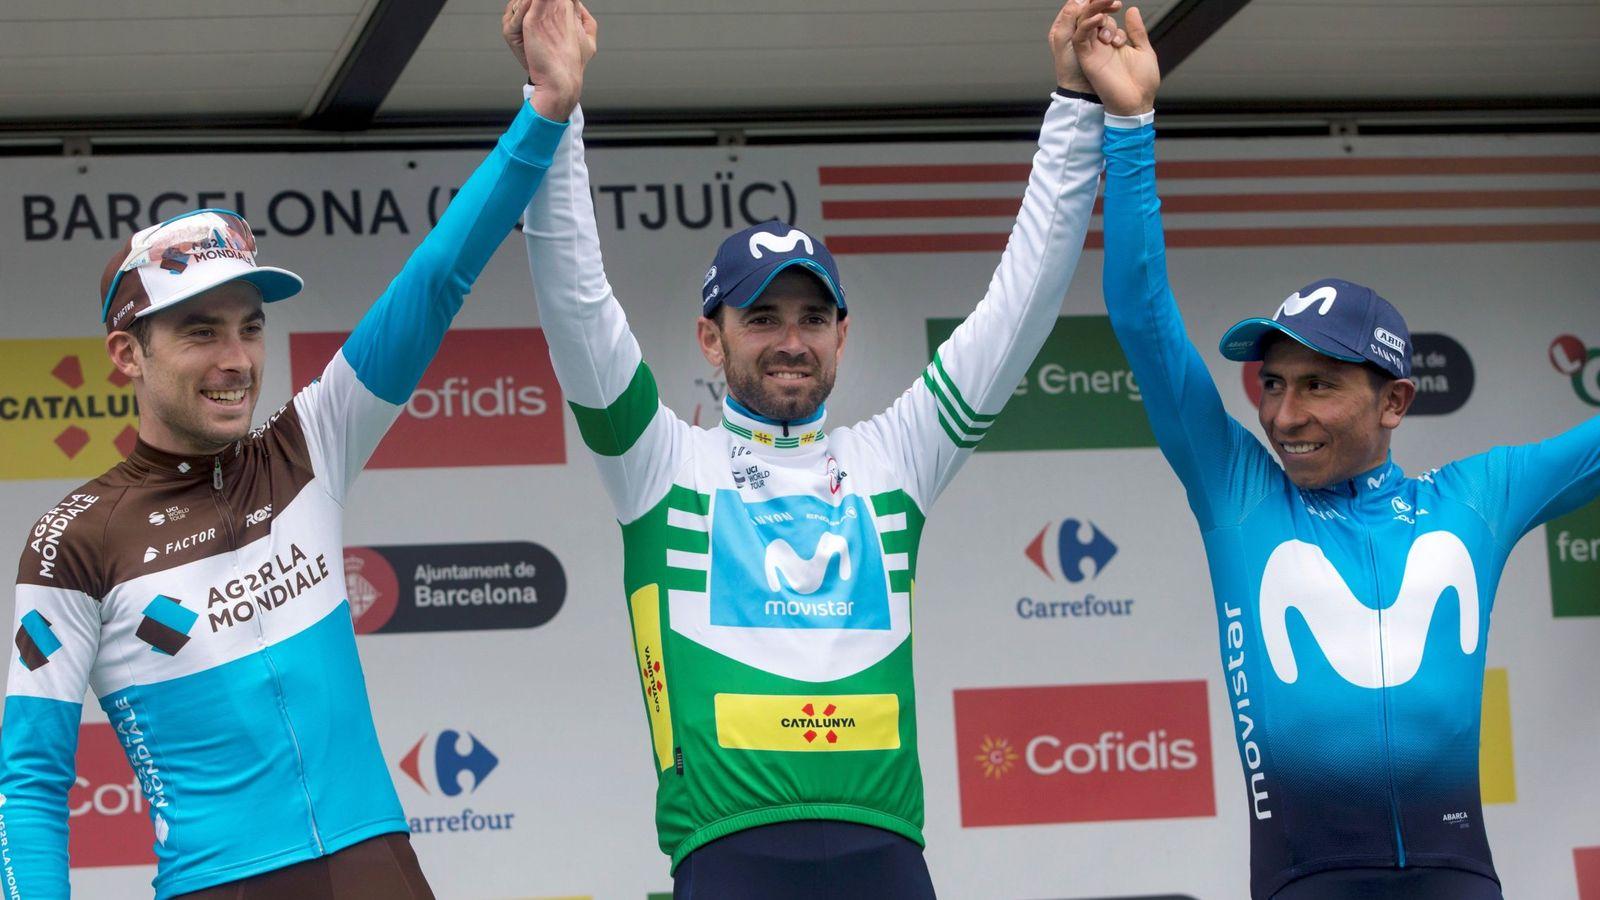 Foto: El podio final de la Volta a Catalunya, con victoria de Alejandro Valverde. (EFE)